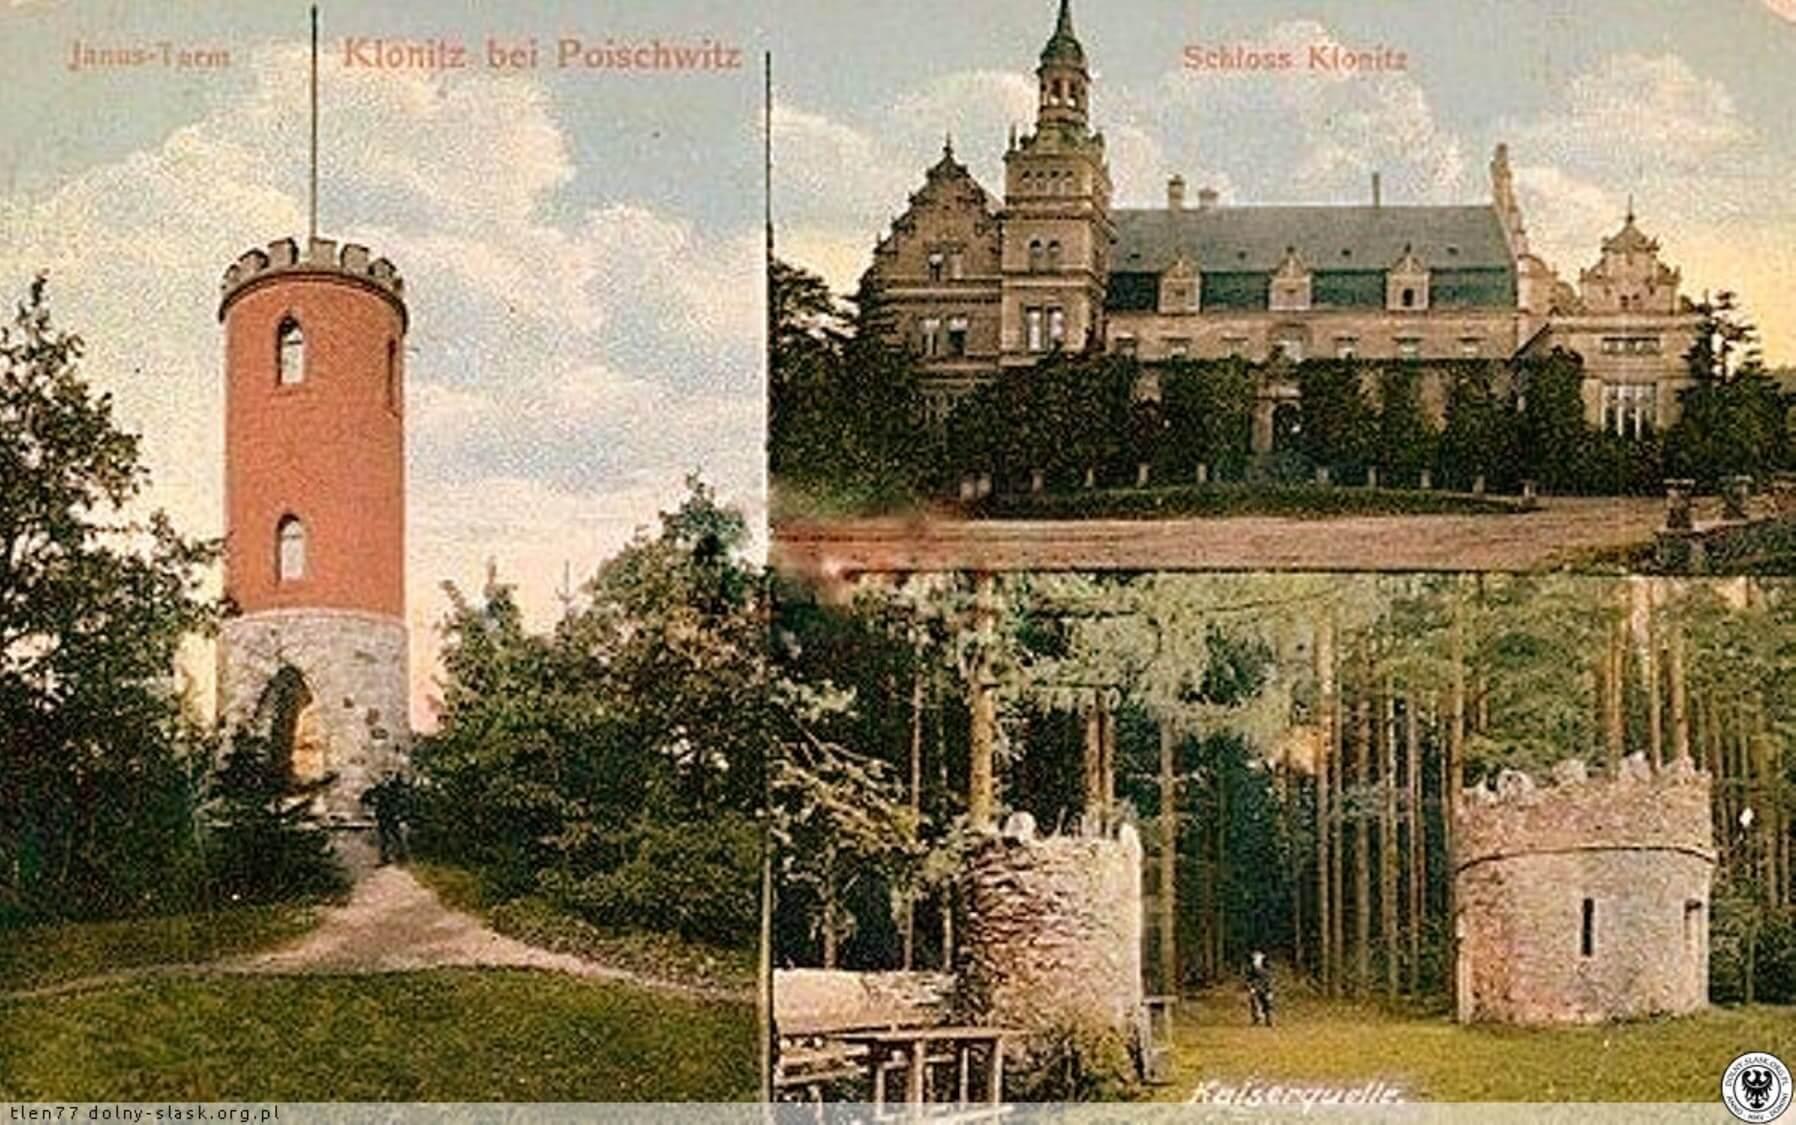 Pałac Murowany w Kłonicach Niedaleko Wieży Widokowej Radogost W Park Krajobrazowy Chełmy1 Atrakcje Co Warto Zobaczyć Zdjęcia Archiwalne